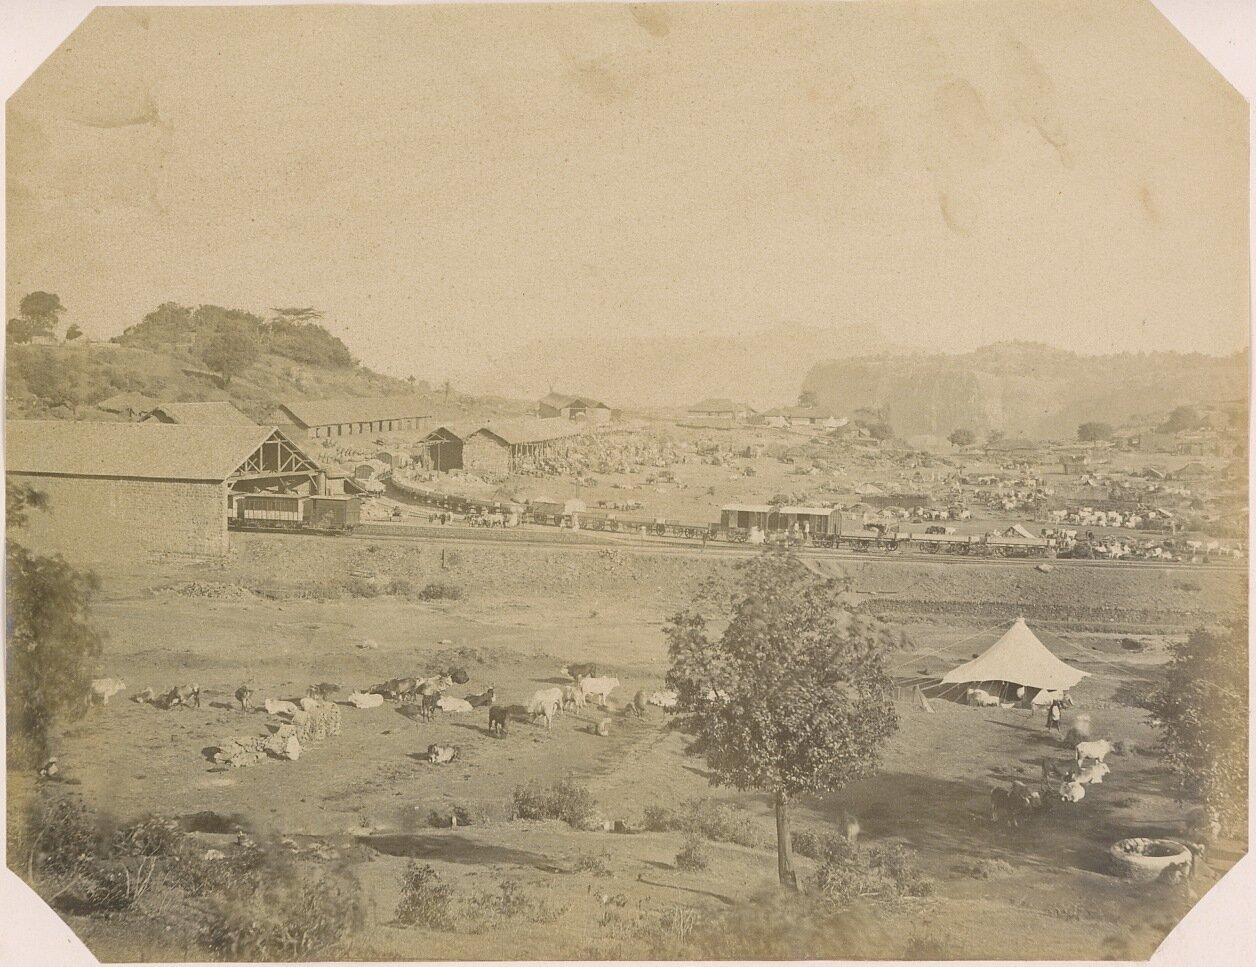 Железнодорожная линия с поездами, 1875-80